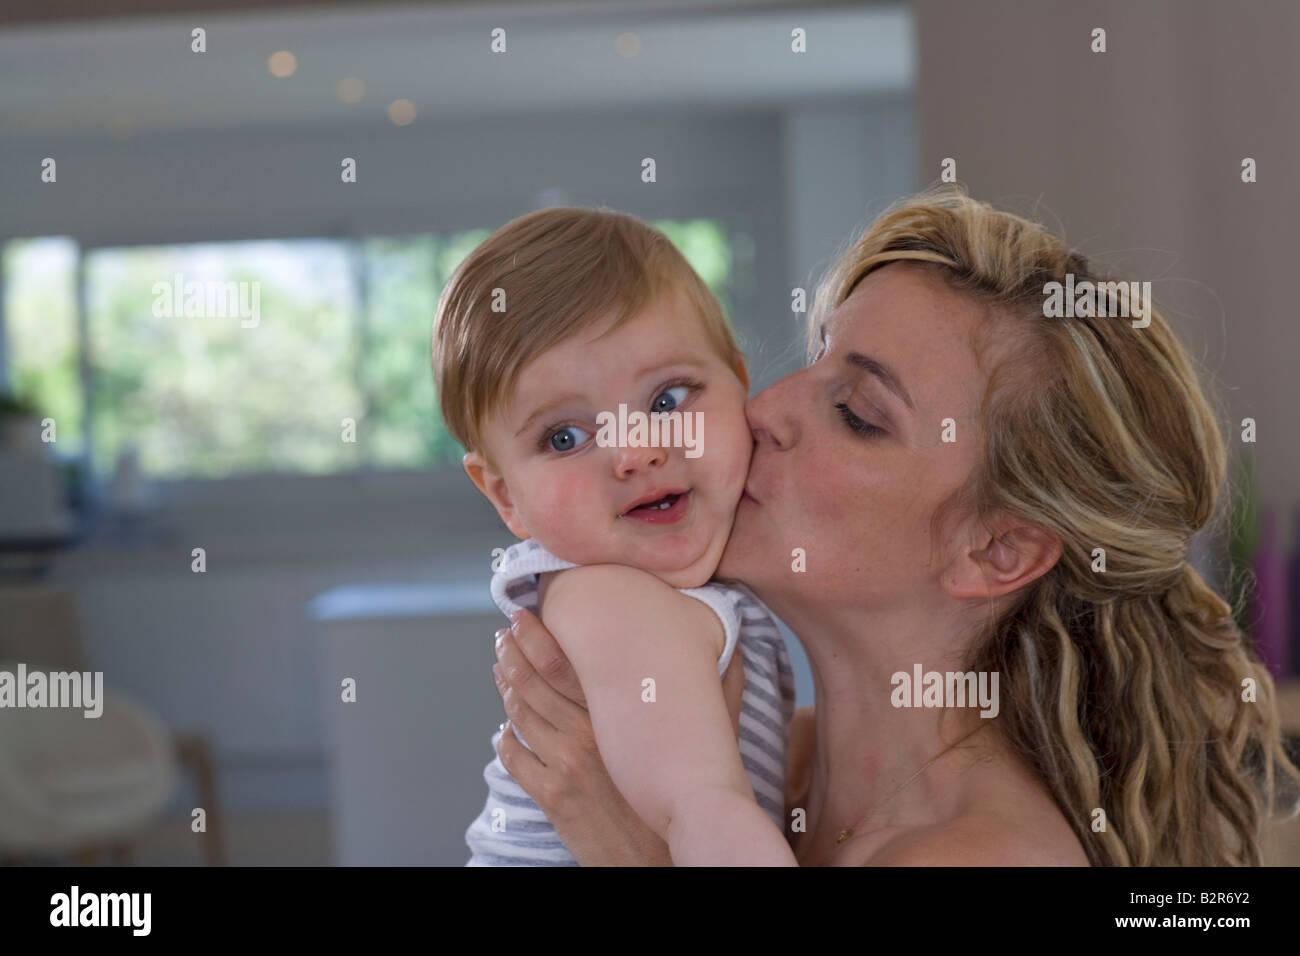 La madre besa a su bebé en el hogar Imagen De Stock